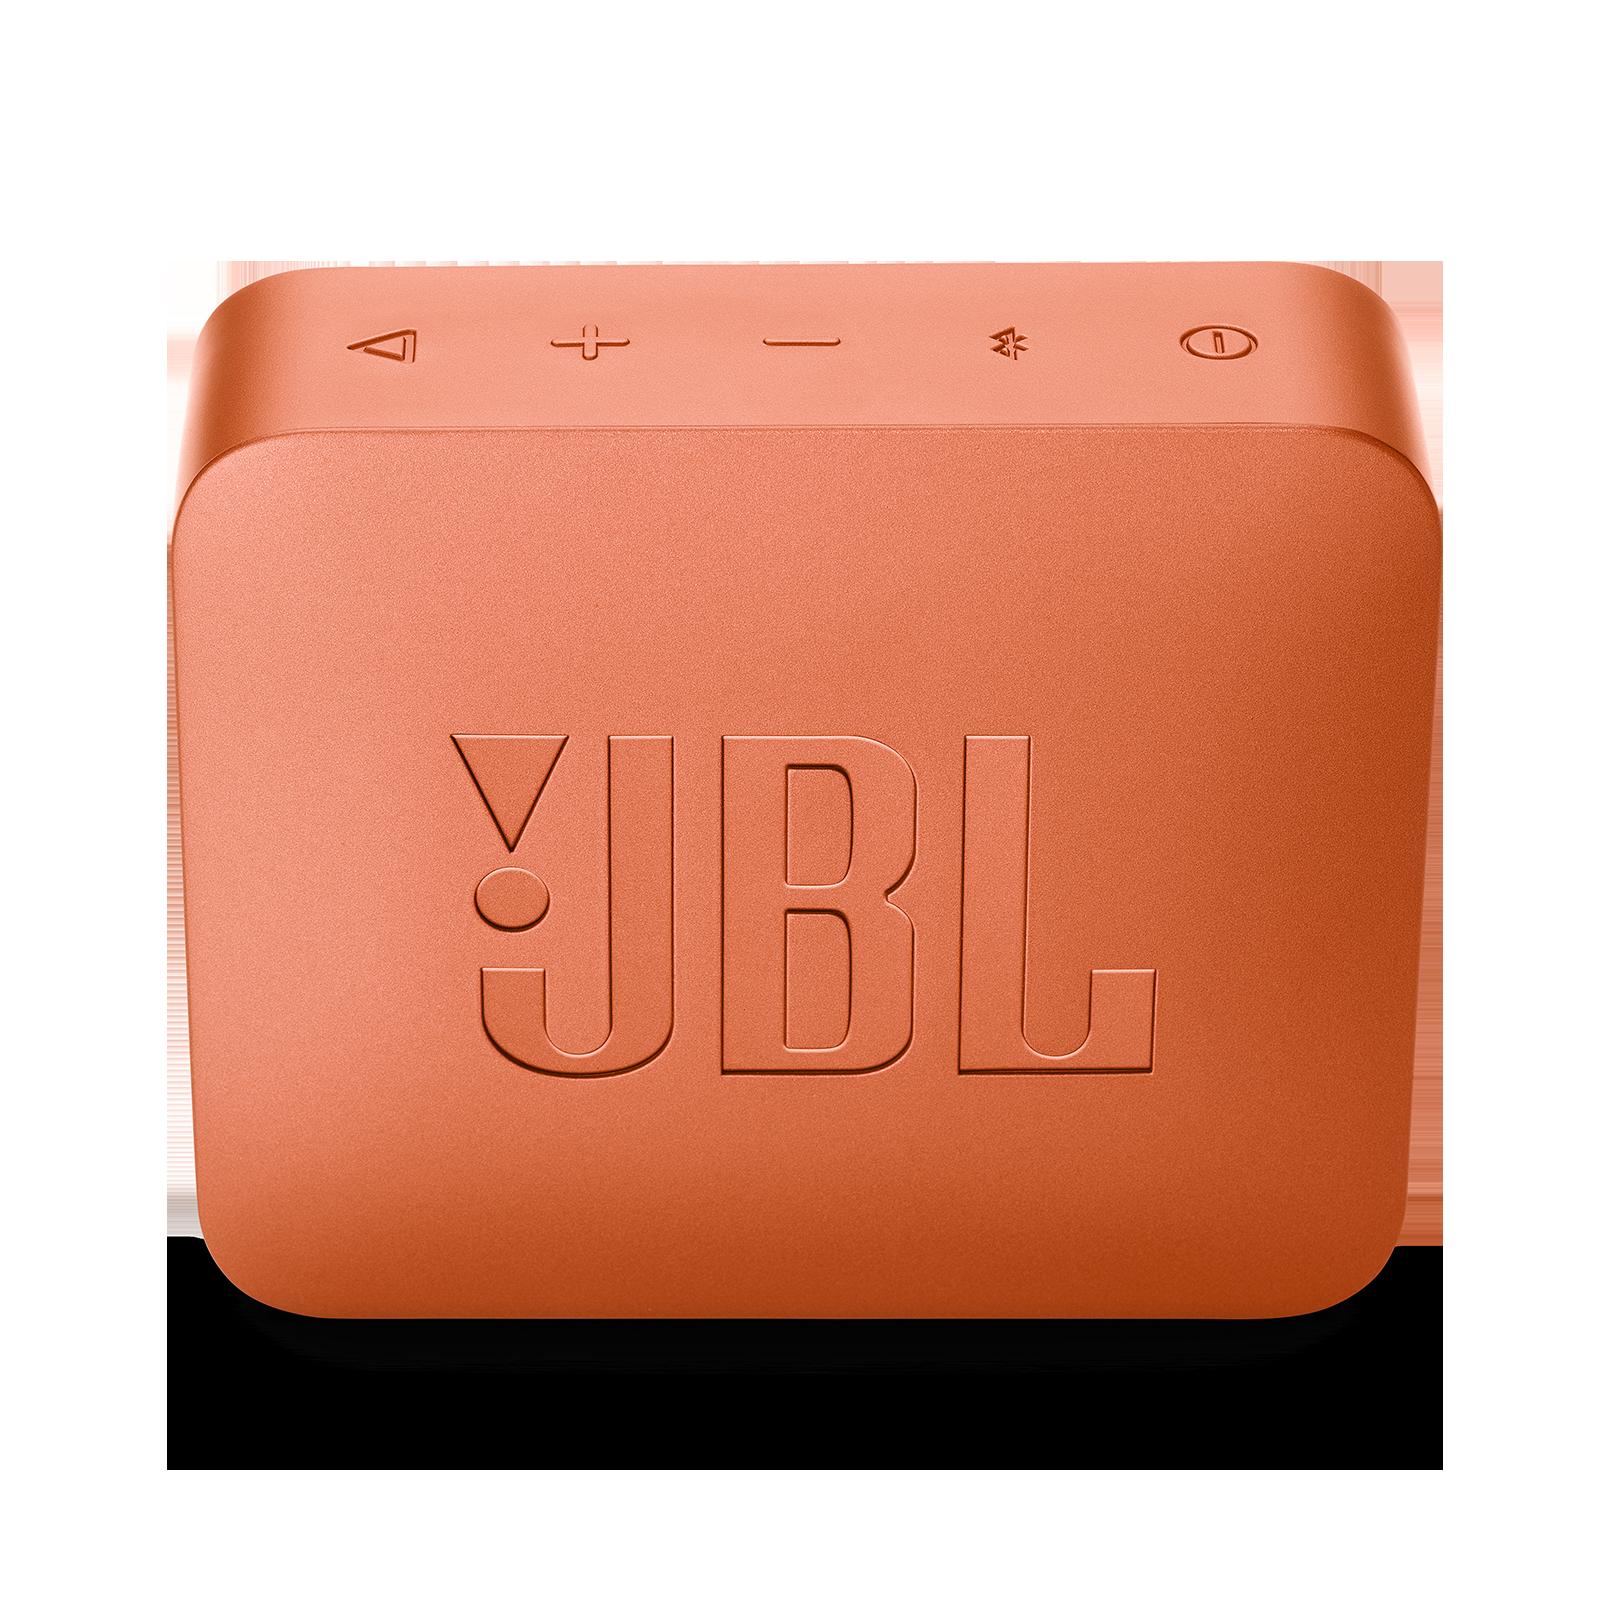 JBL GO 2 - Coral Orange - Portable Bluetooth speaker - Back